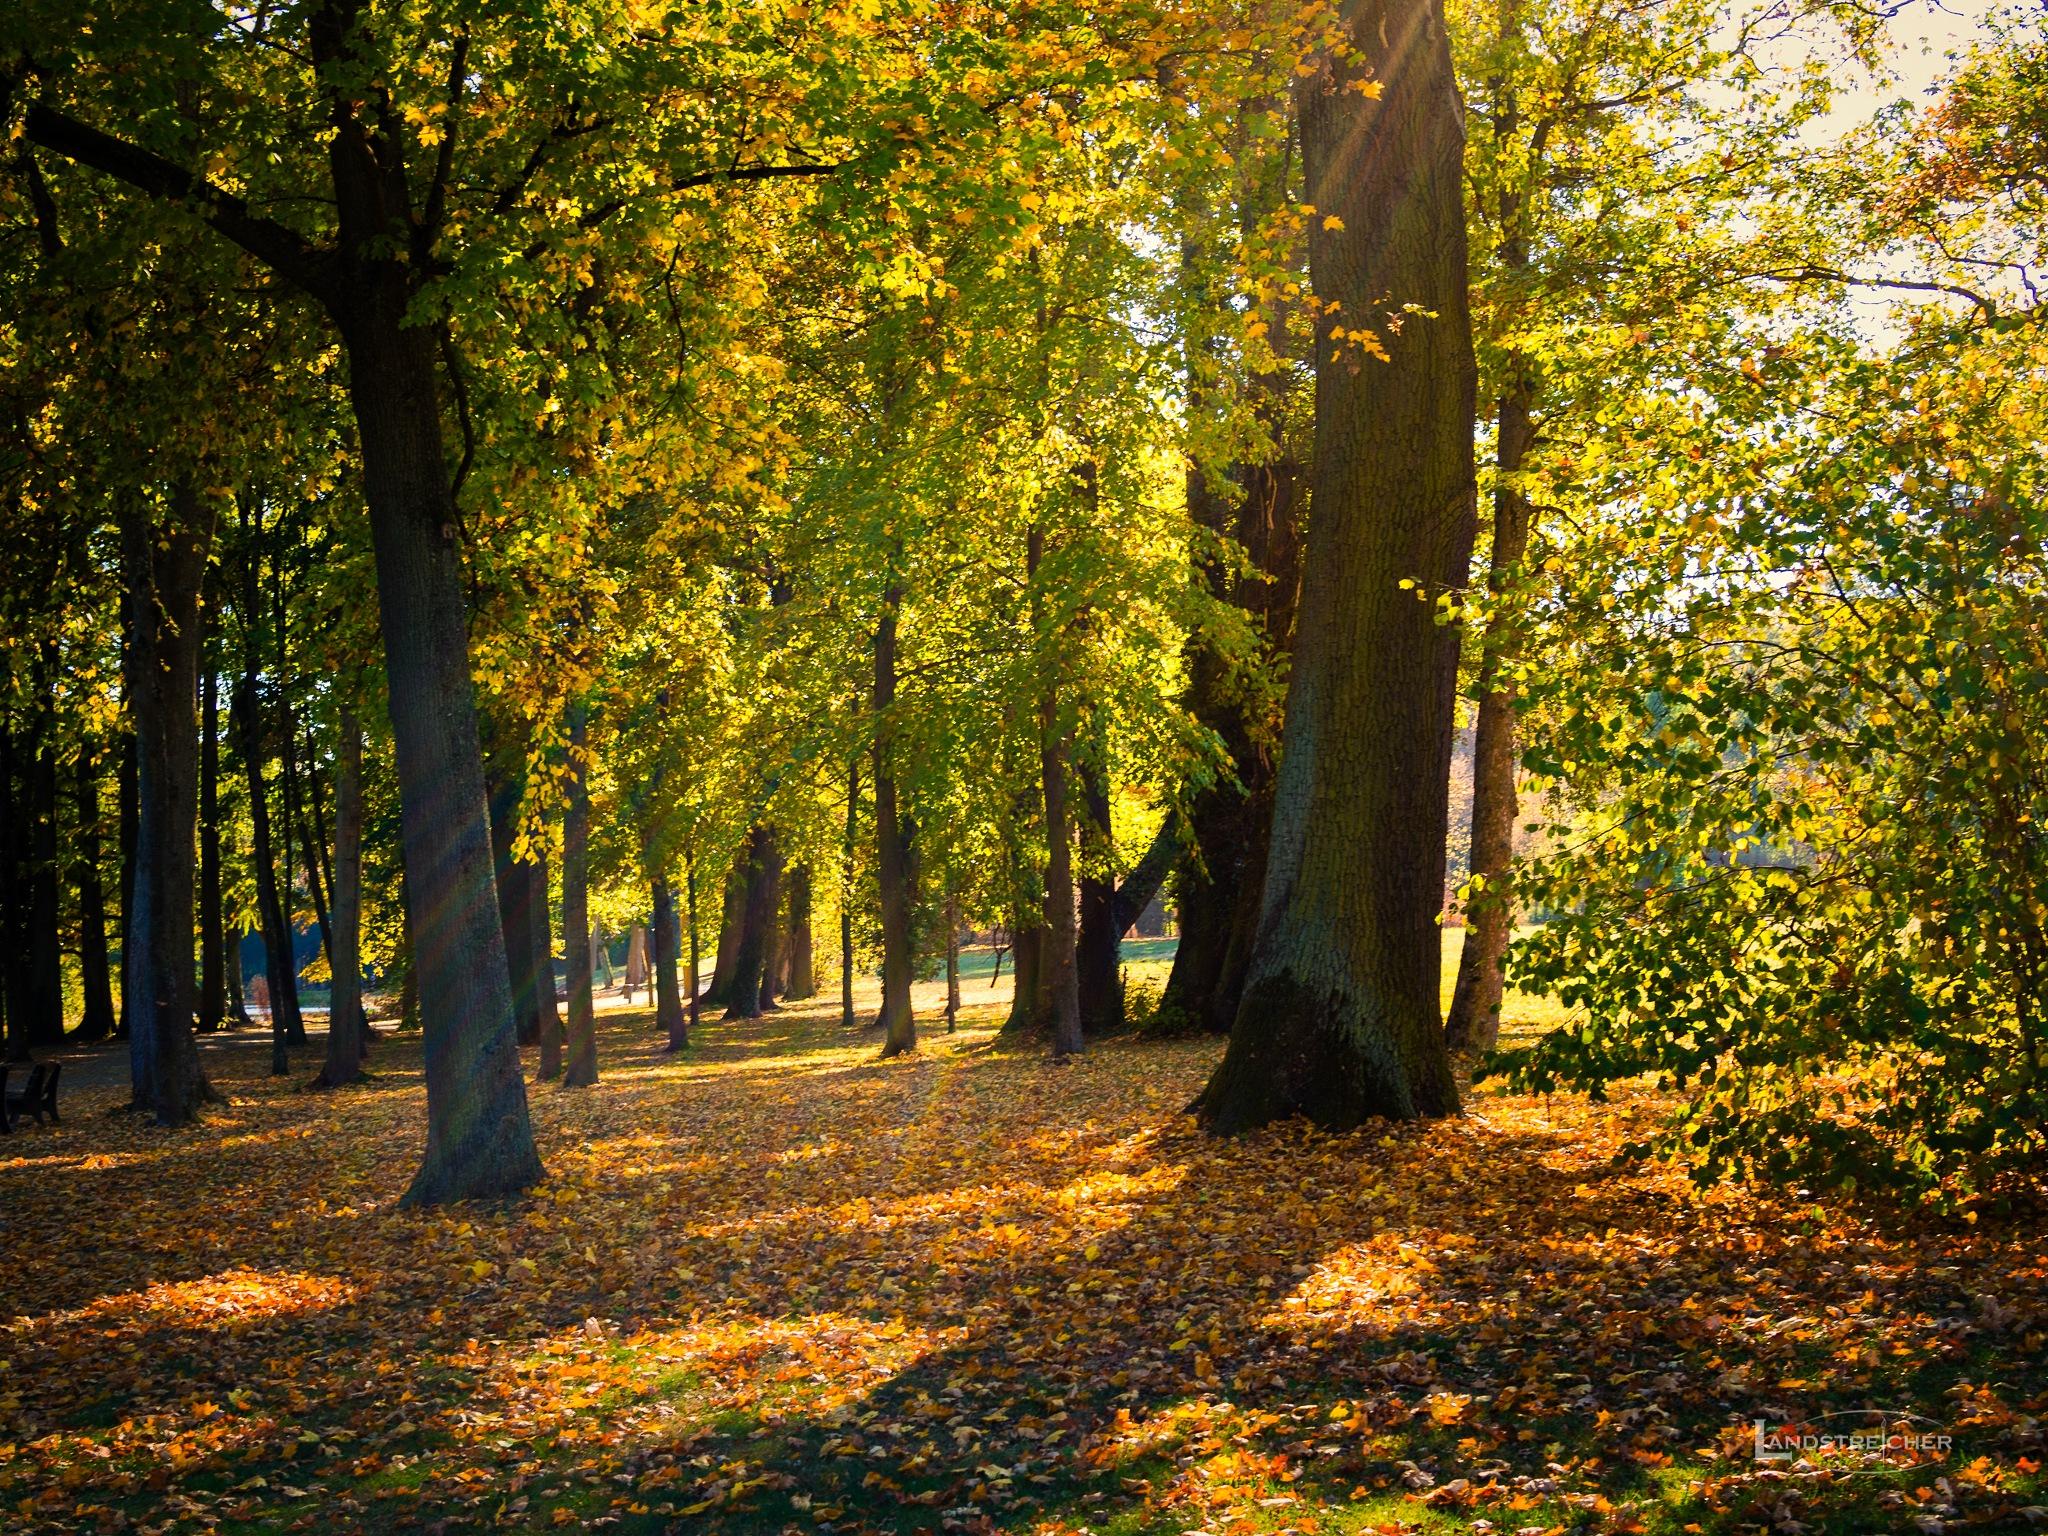 Autumn Sun Rays by Landstreicher